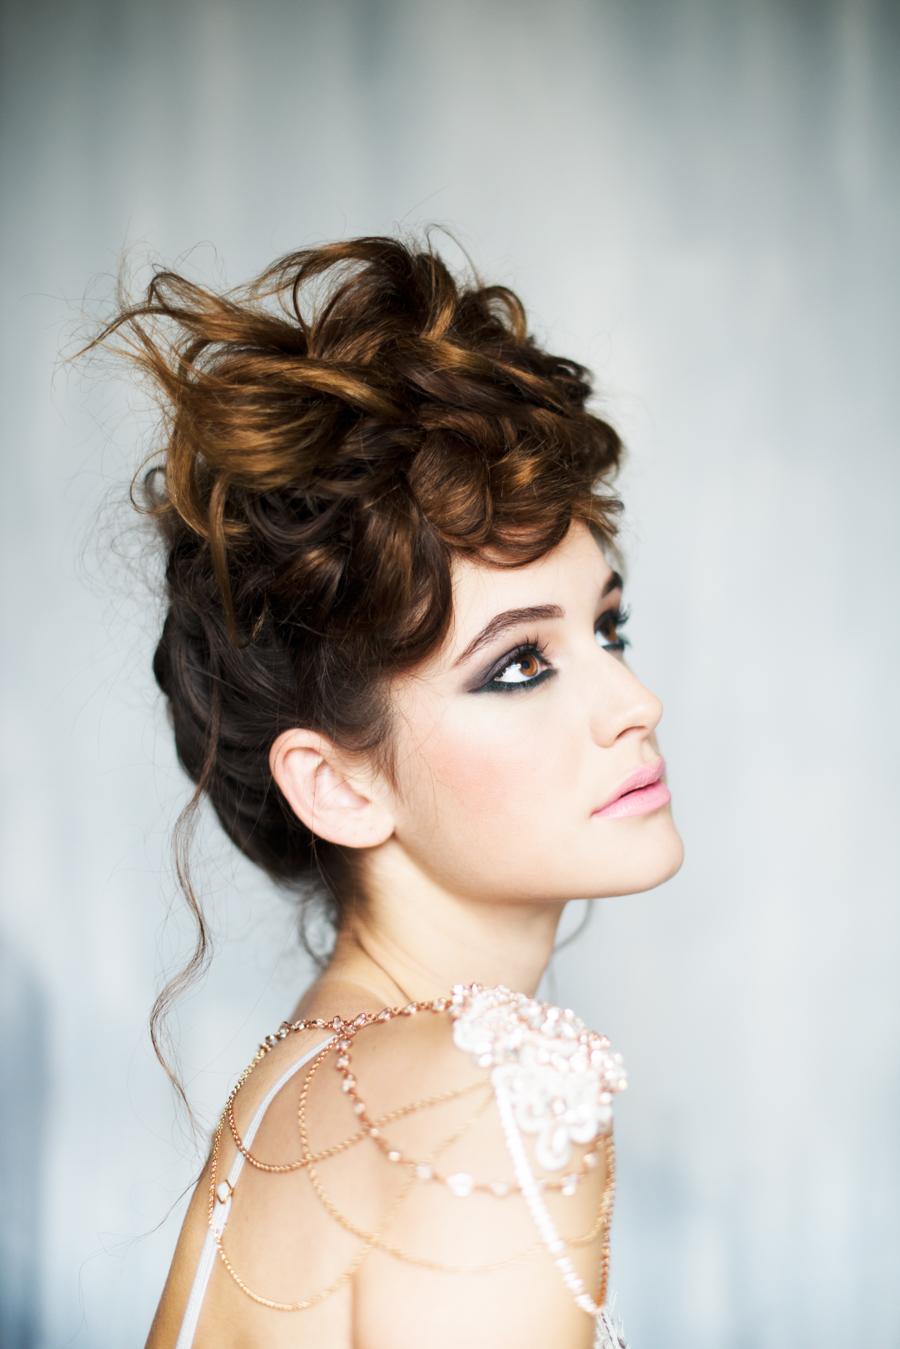 1.Whitney-Heard-Maya-Duyen-Creative3.jpg